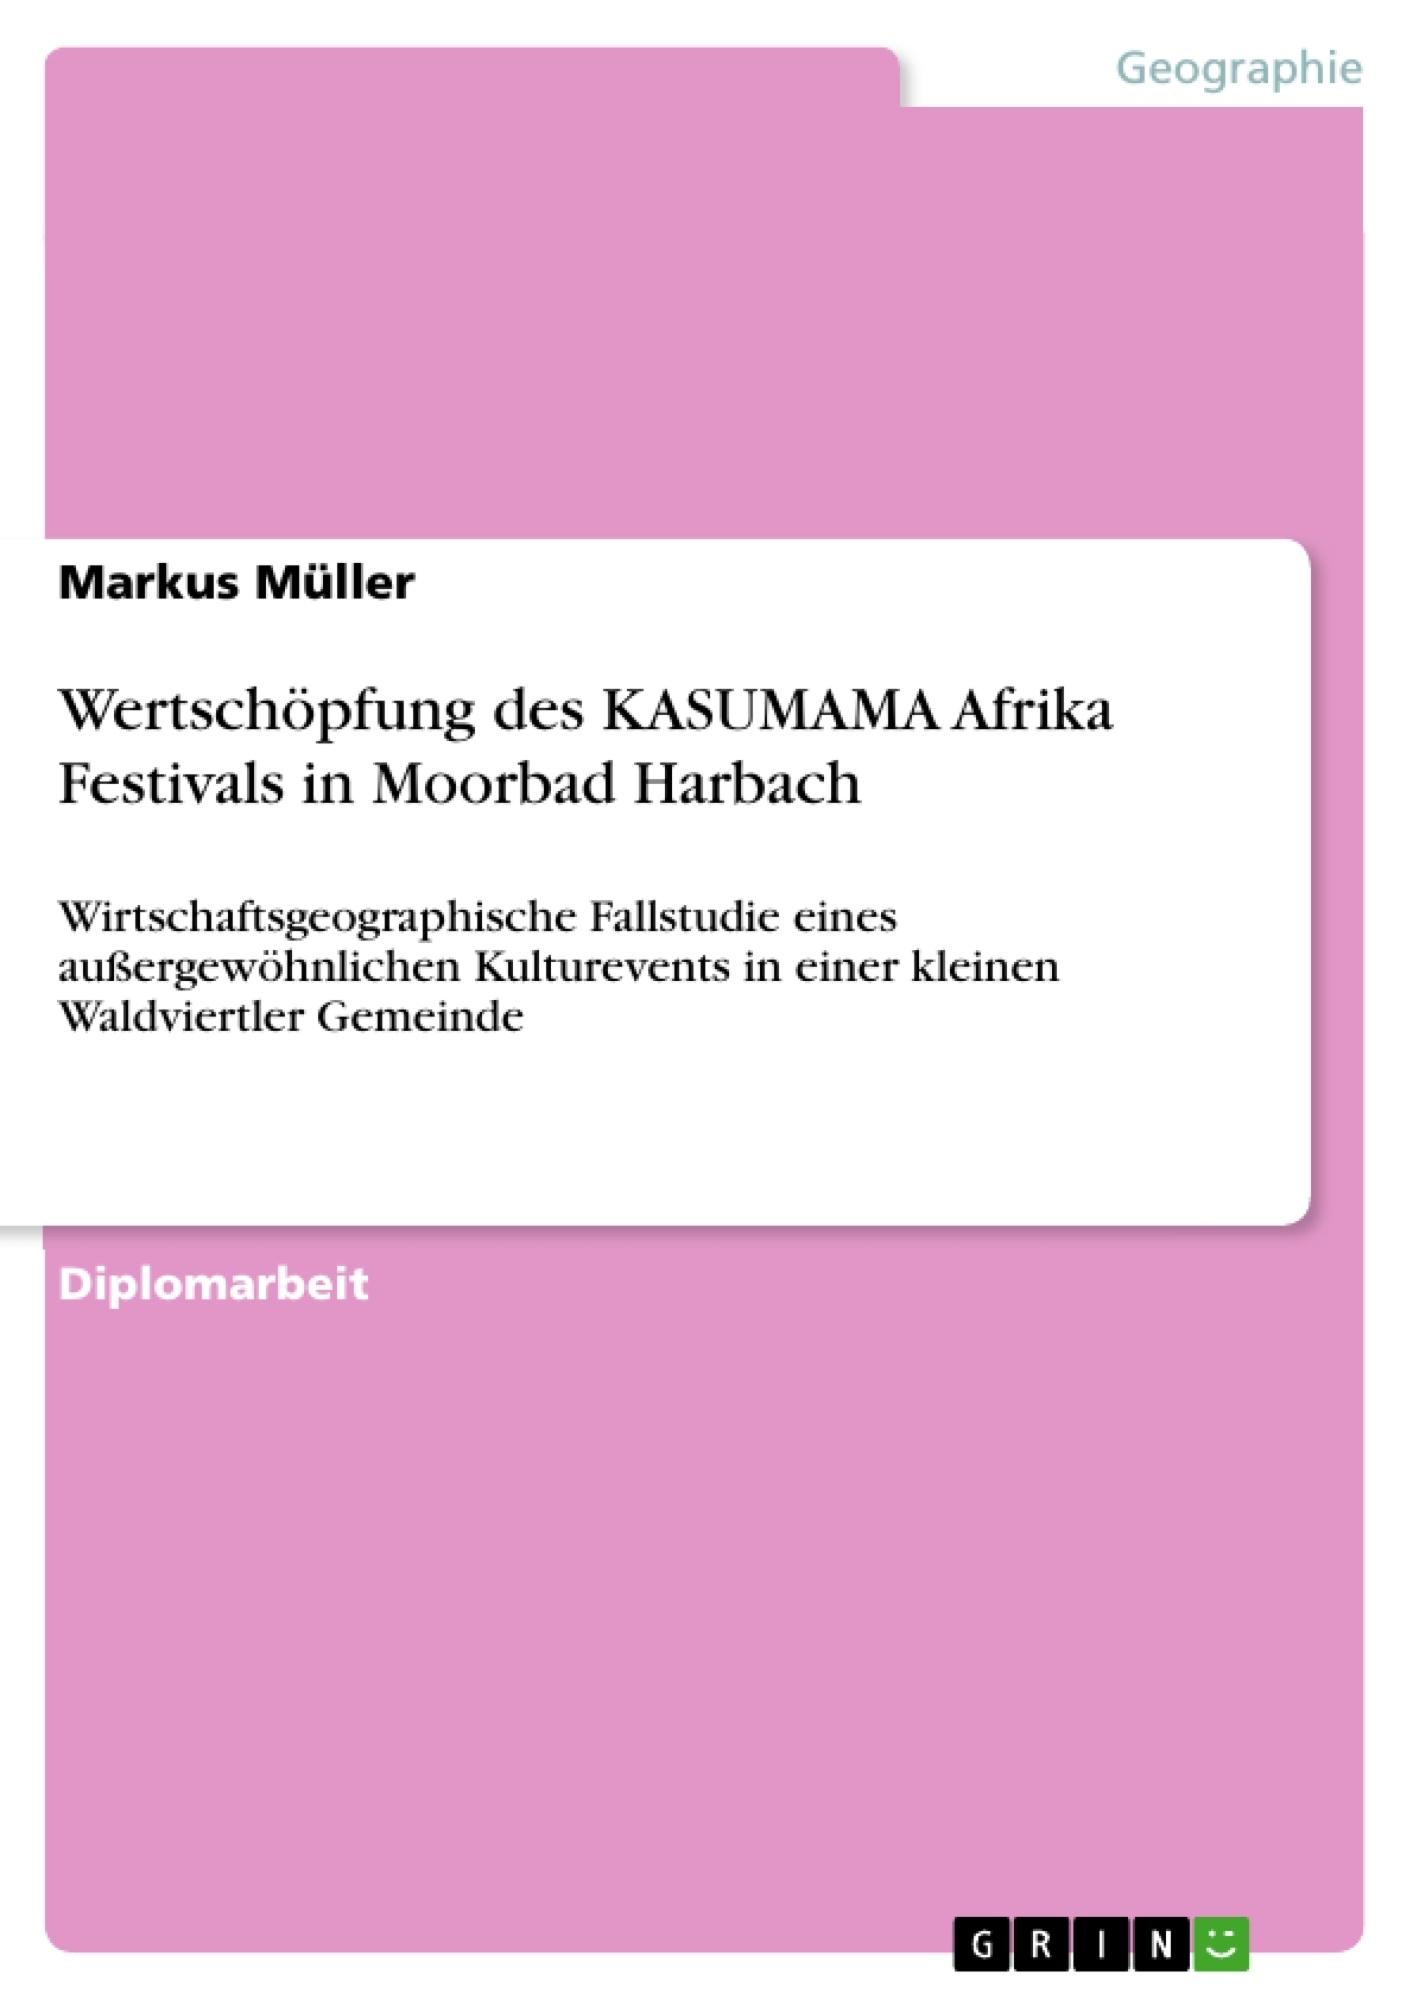 Titel: Wertschöpfung des KASUMAMA Afrika Festivals in Moorbad Harbach